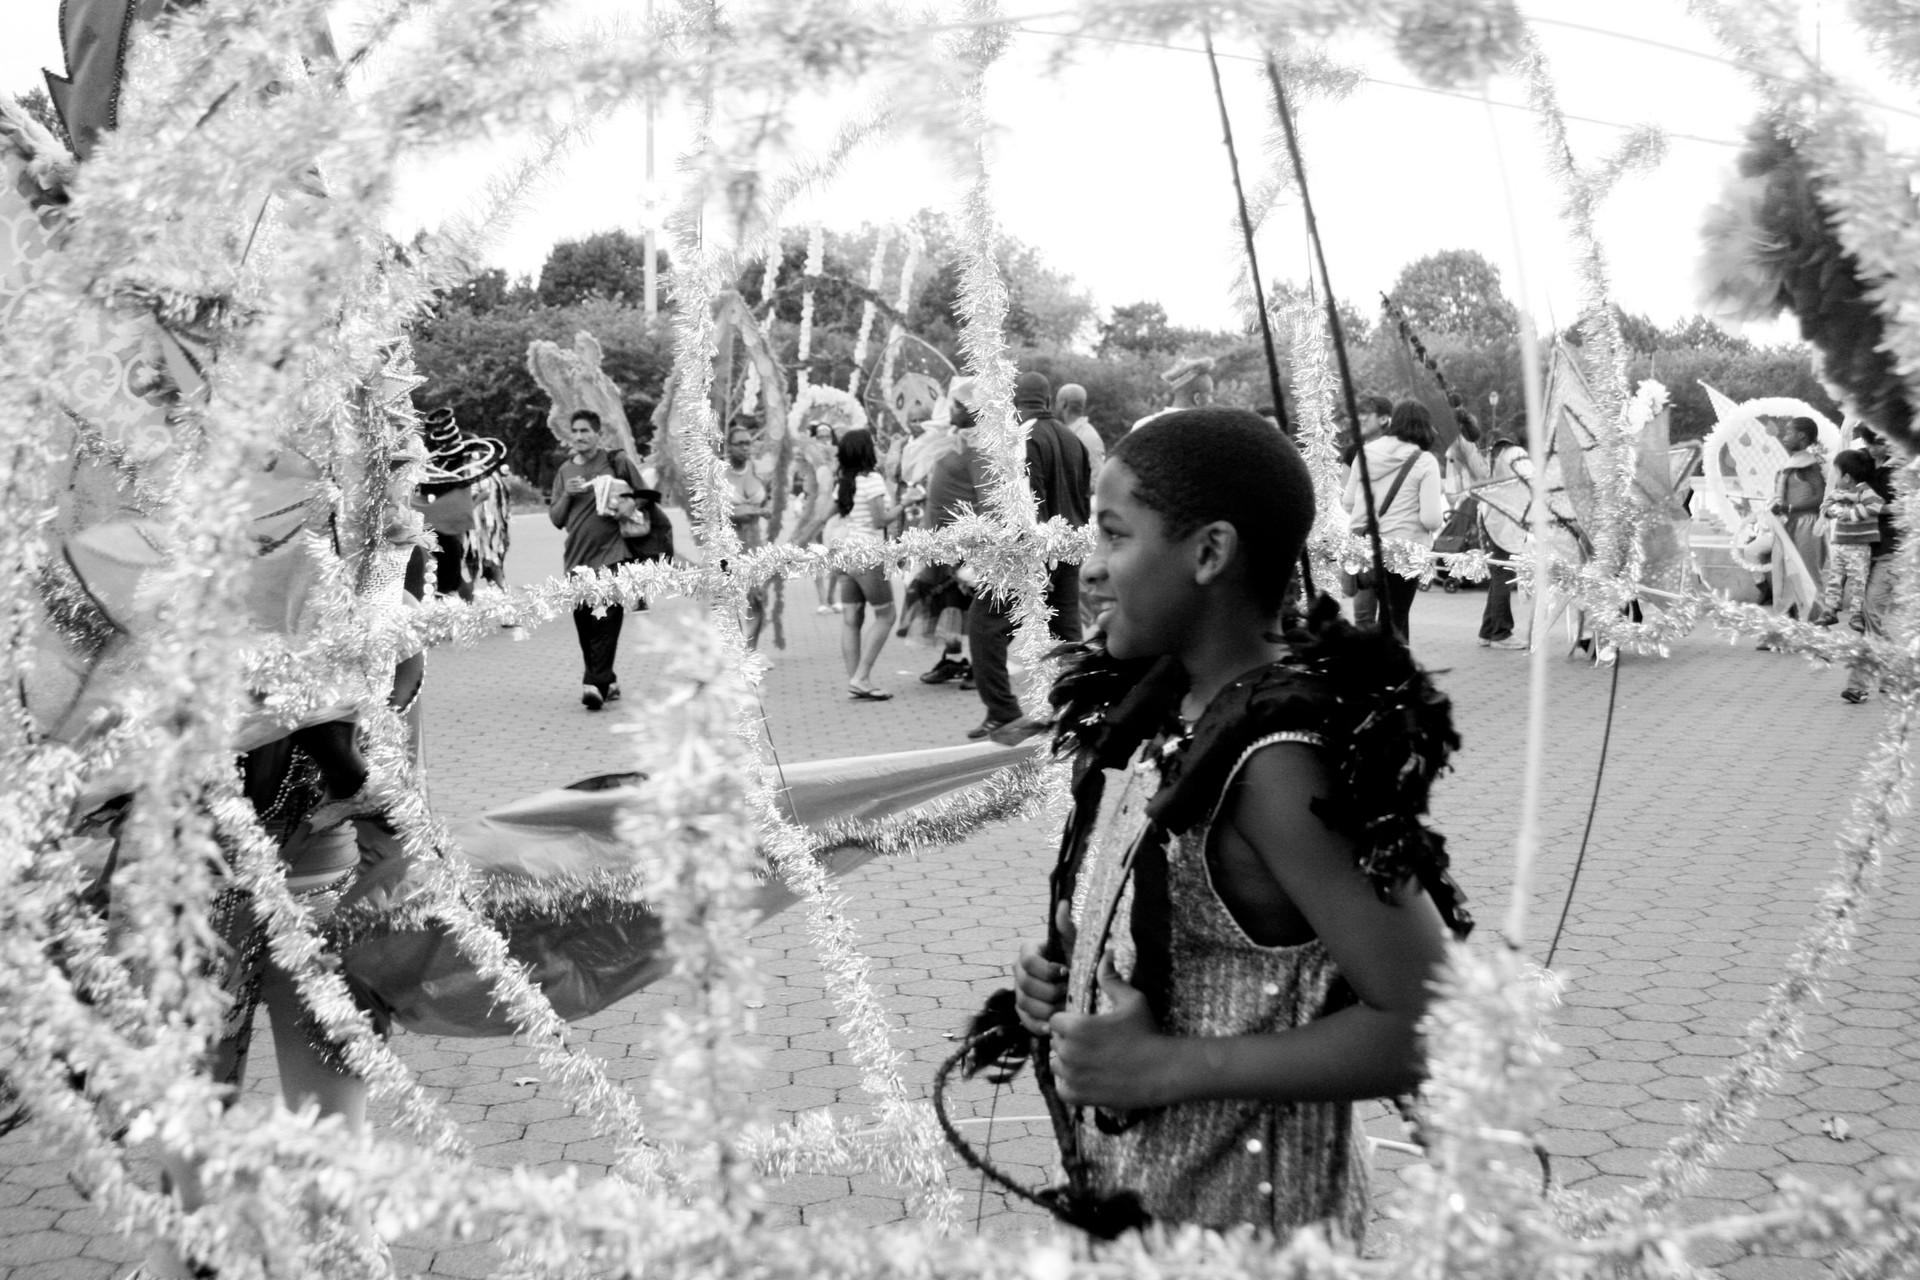 Carnival in Queens